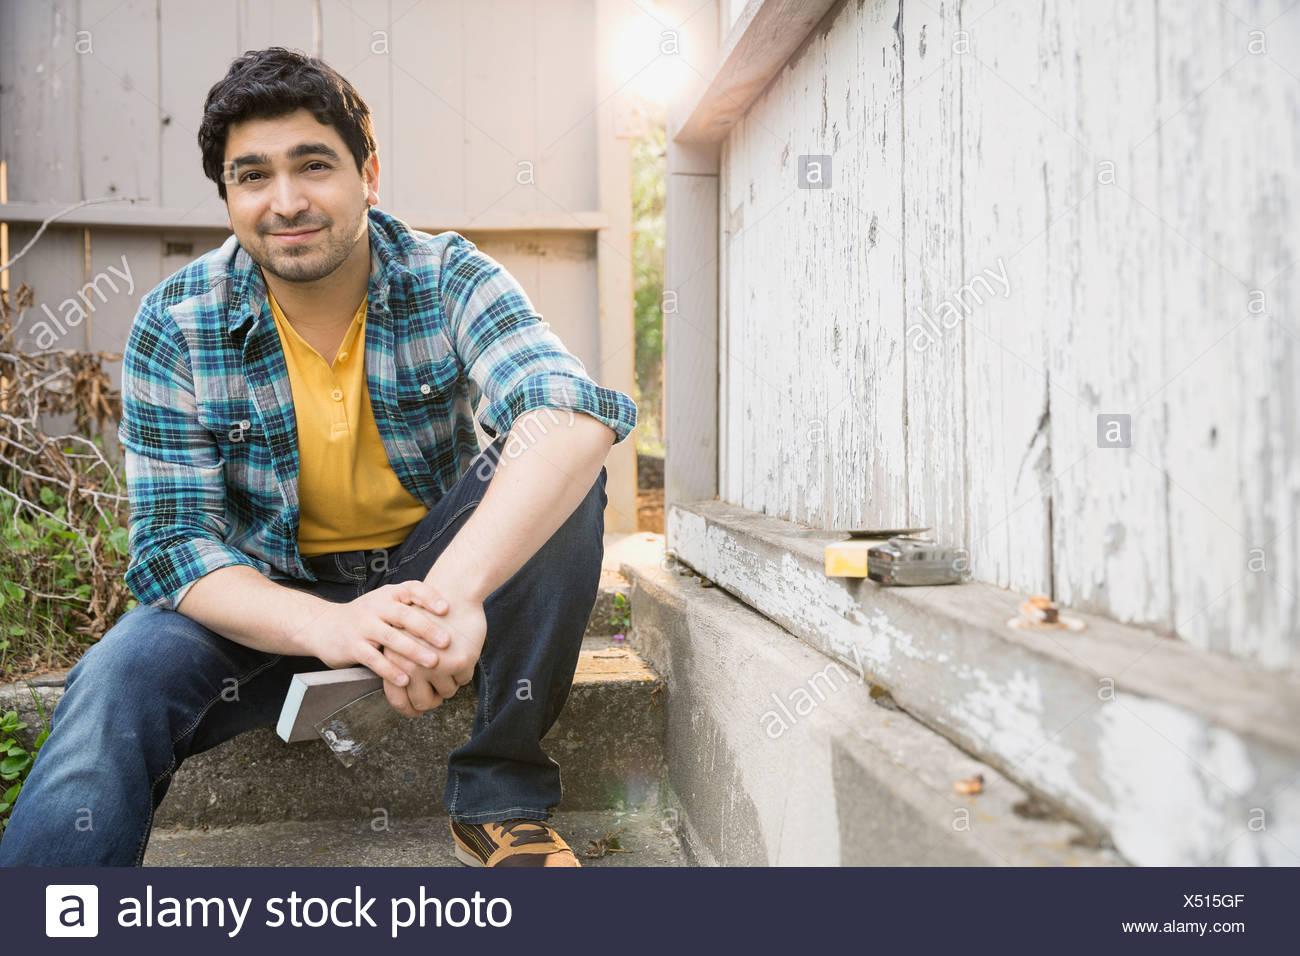 Porträt von lächelnden Mann mit Werkzeugen am Zaun Stockbild